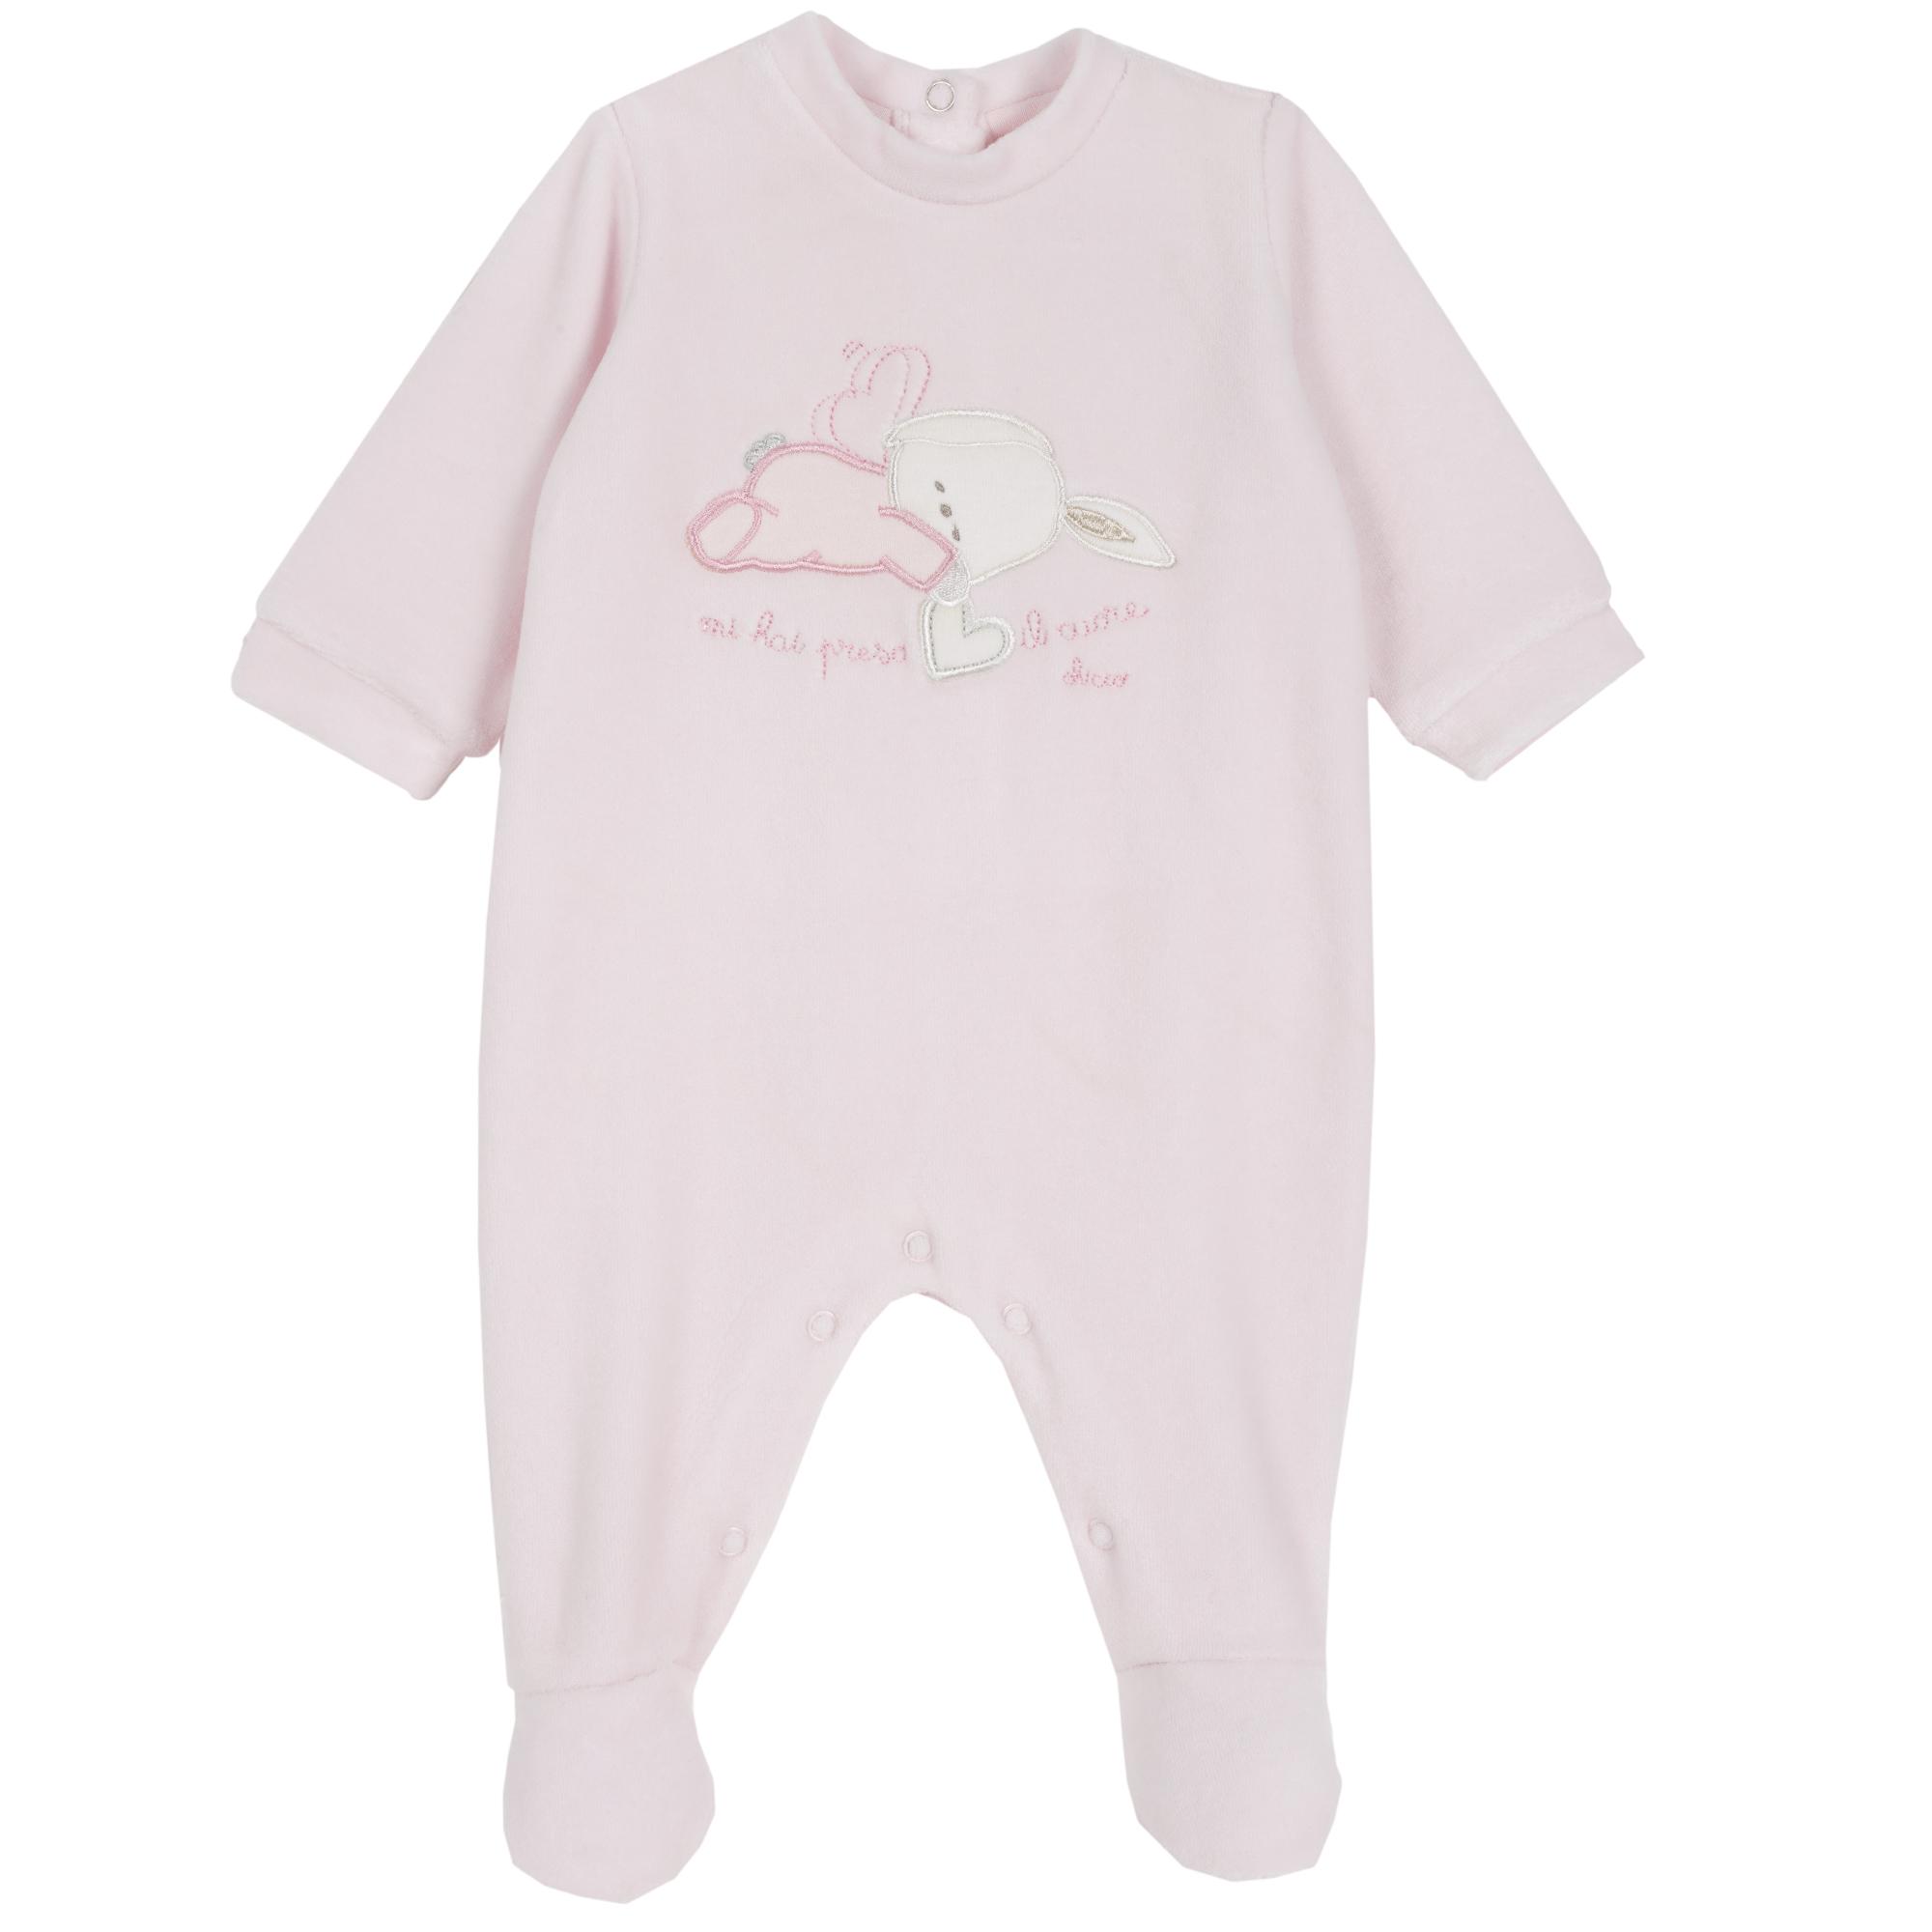 Trusou copii Chicco, salopeta + baveta + caciula, roz din categoria Salopete/Body